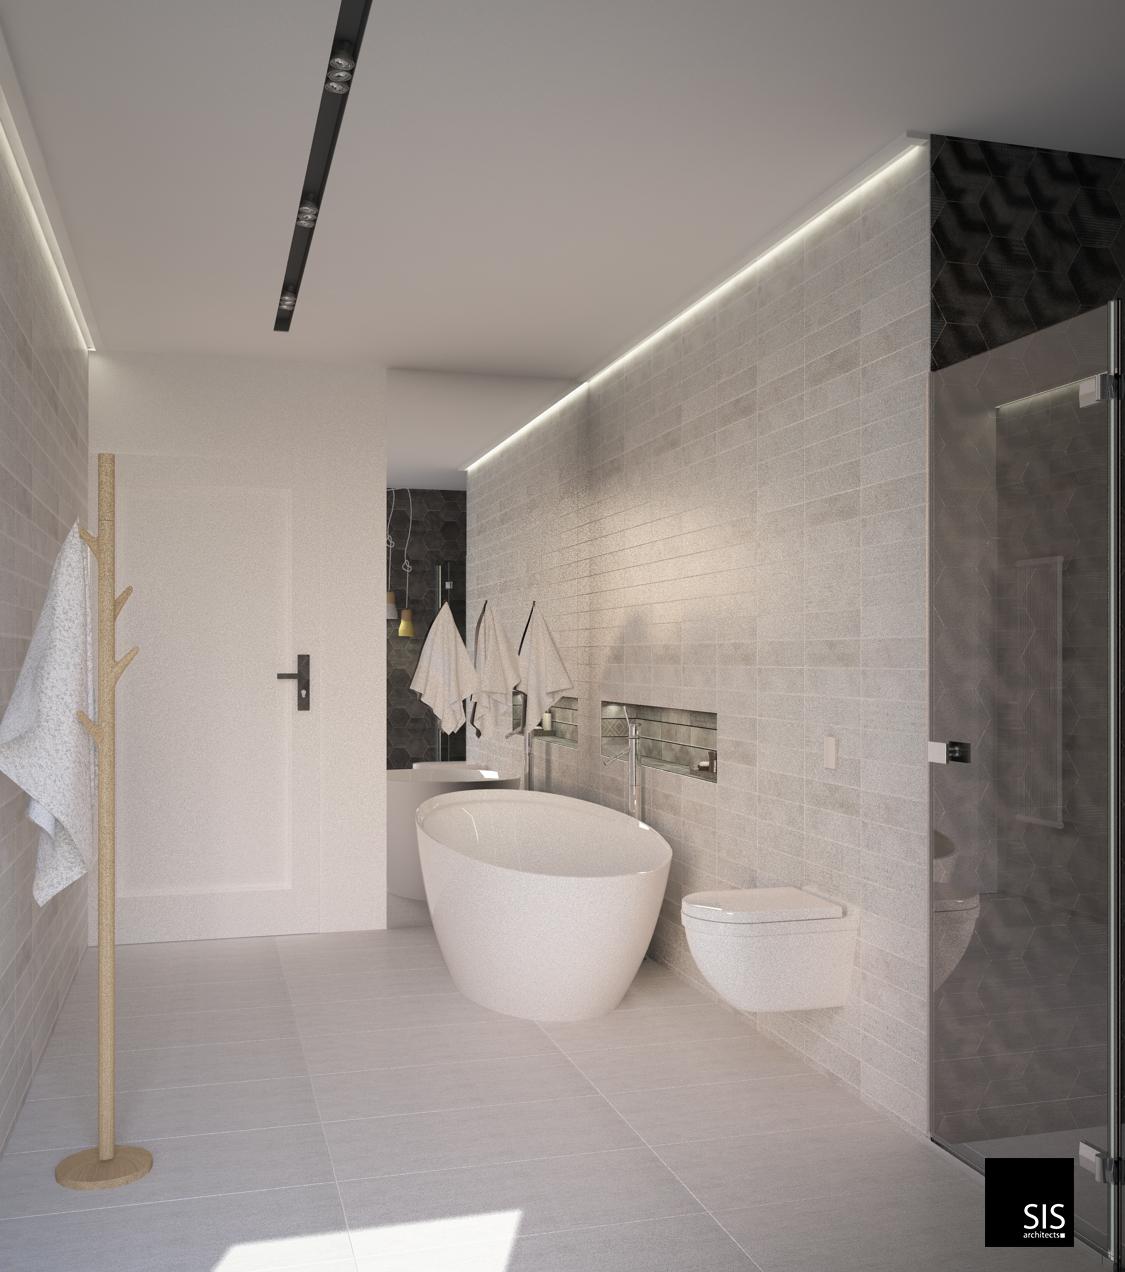 wizualizacja łazienka w domu jednorodzinnym sis archotekci31